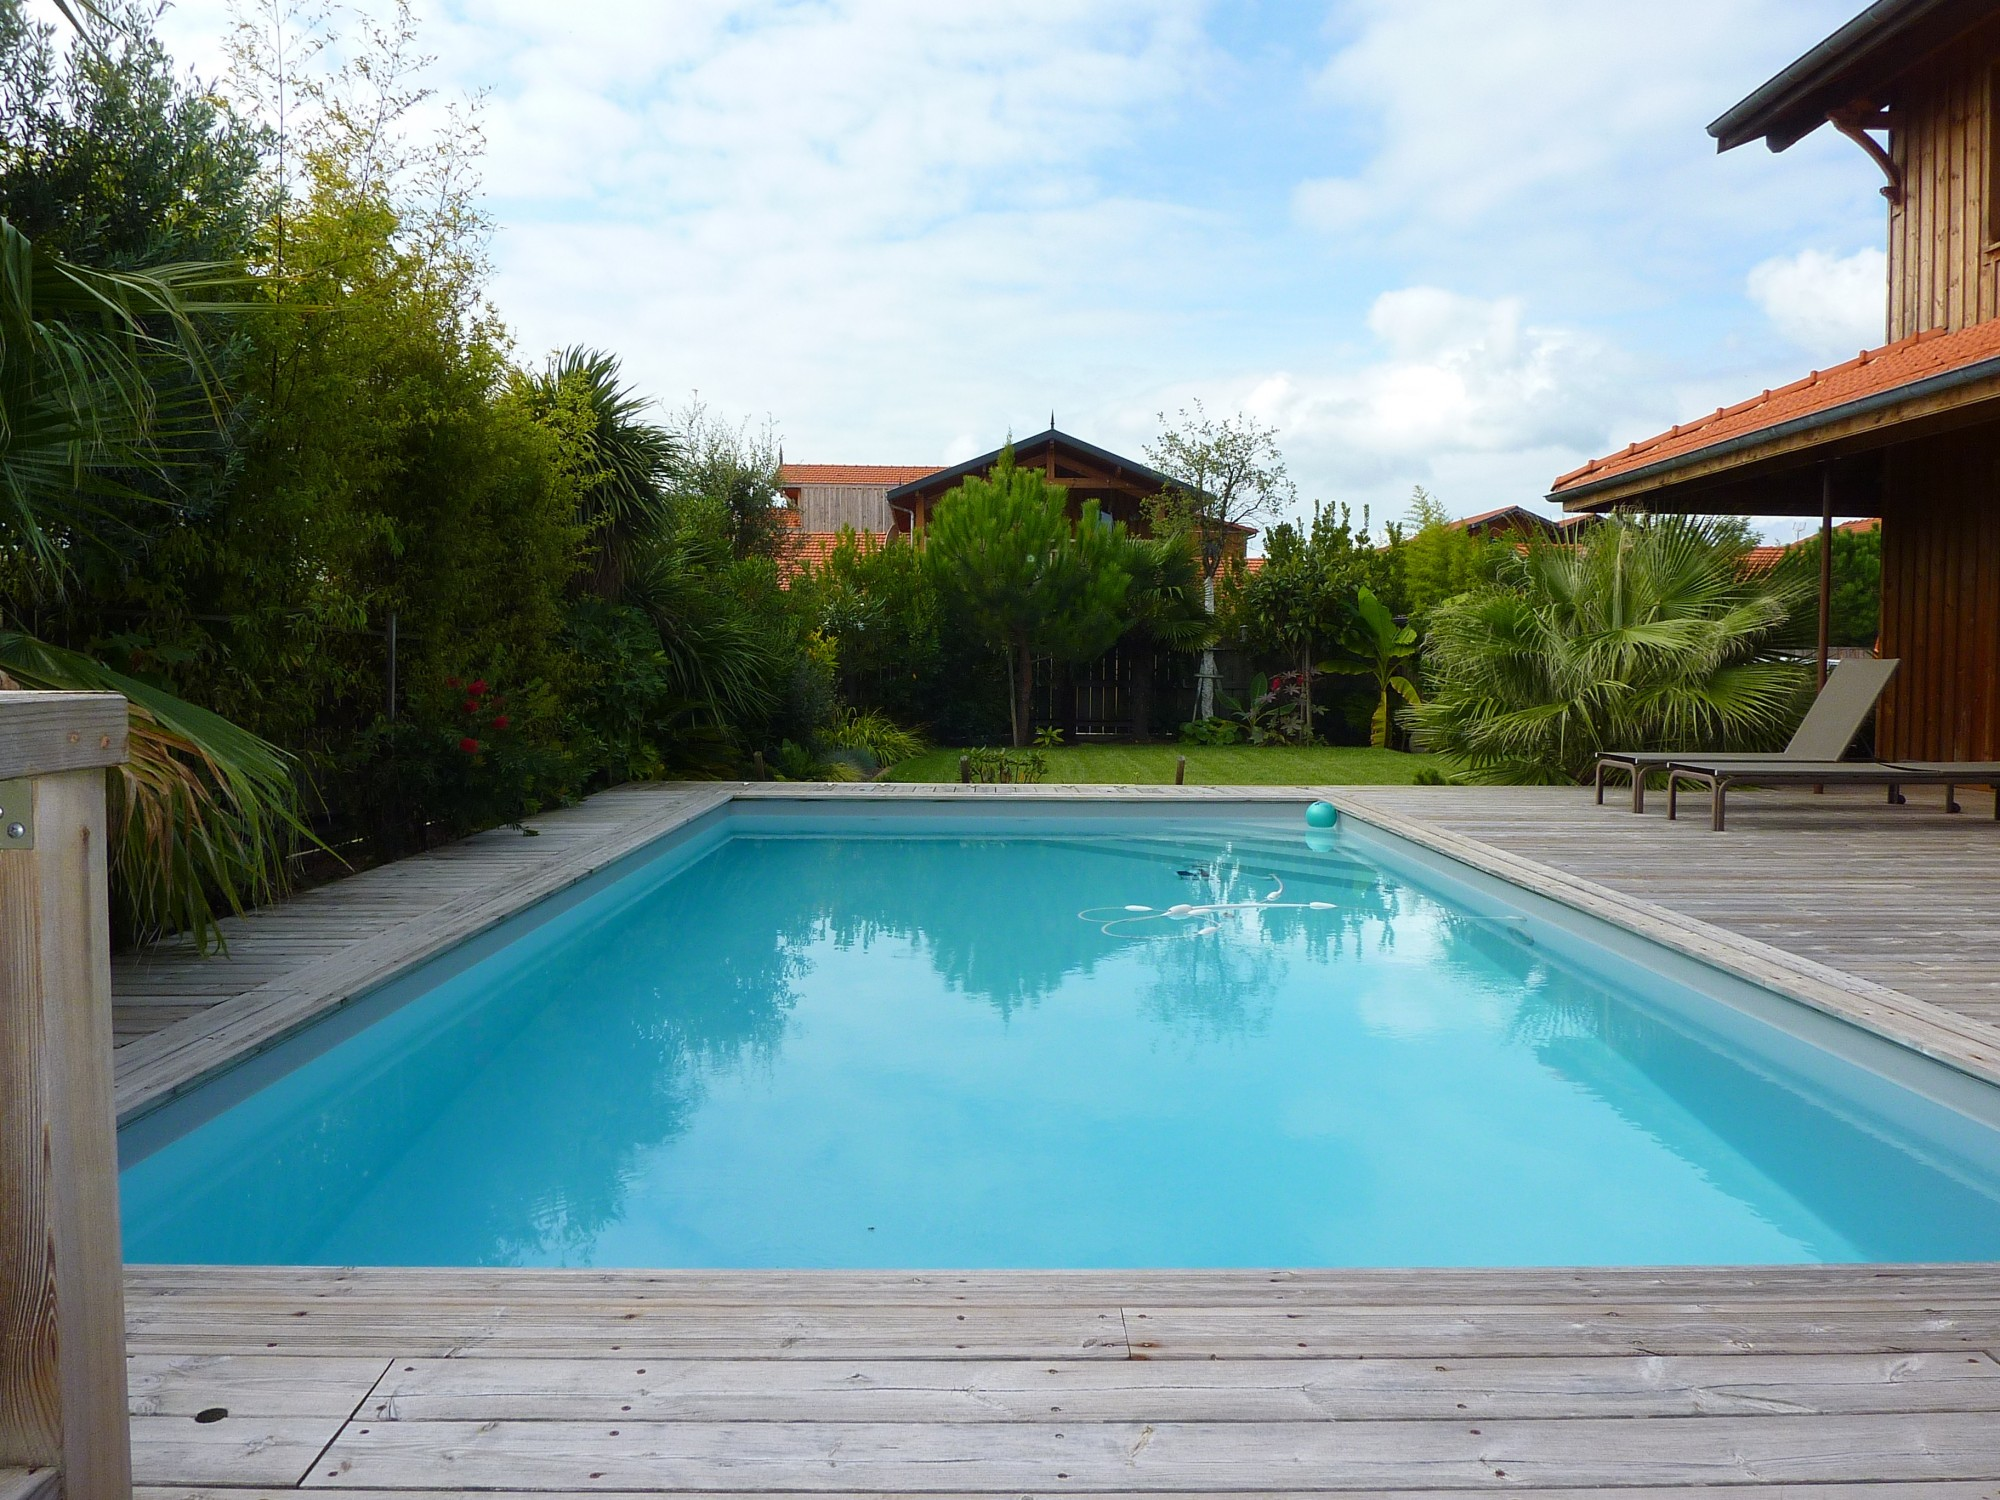 Camping bassin arcachon avec piscine vente villa avec for Camping dans le vercors avec piscine